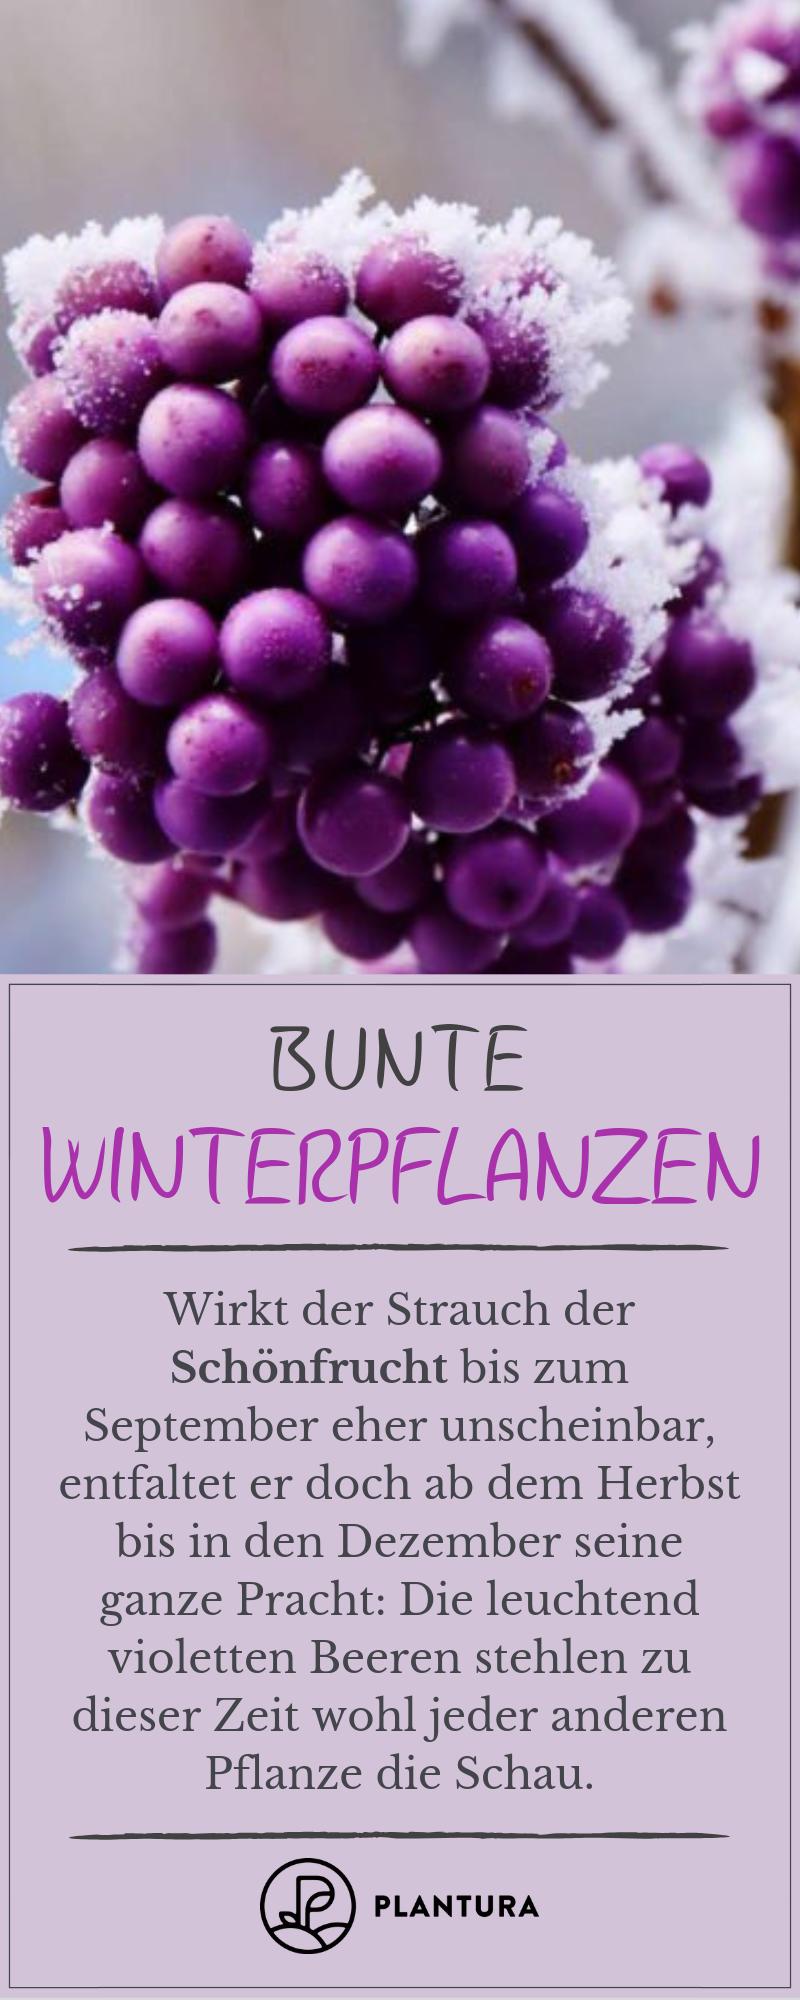 Bunte Winterpflanzen  SchönfruchtEinen einzigartigen Anblick im Winter liefern uns die lila Beeren der Schönfrucht Weitere farbenfrohe Wintergewächse finde...